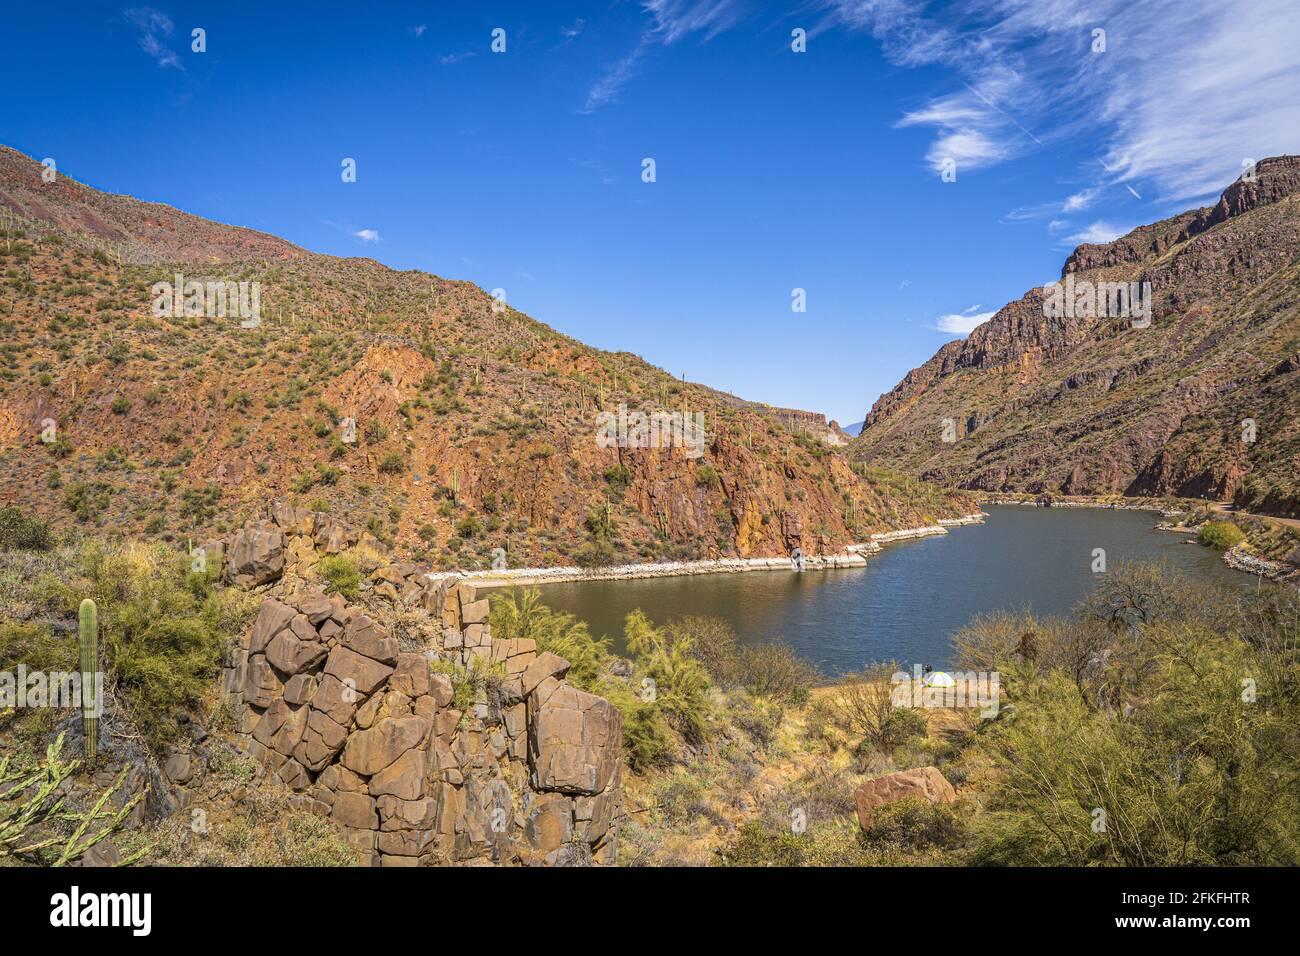 Wunderschöne malerische Aussicht auf den Fluss und die Felsen vor dem blauen Himmel, Sonoran Wüste, Arizona Stockfoto